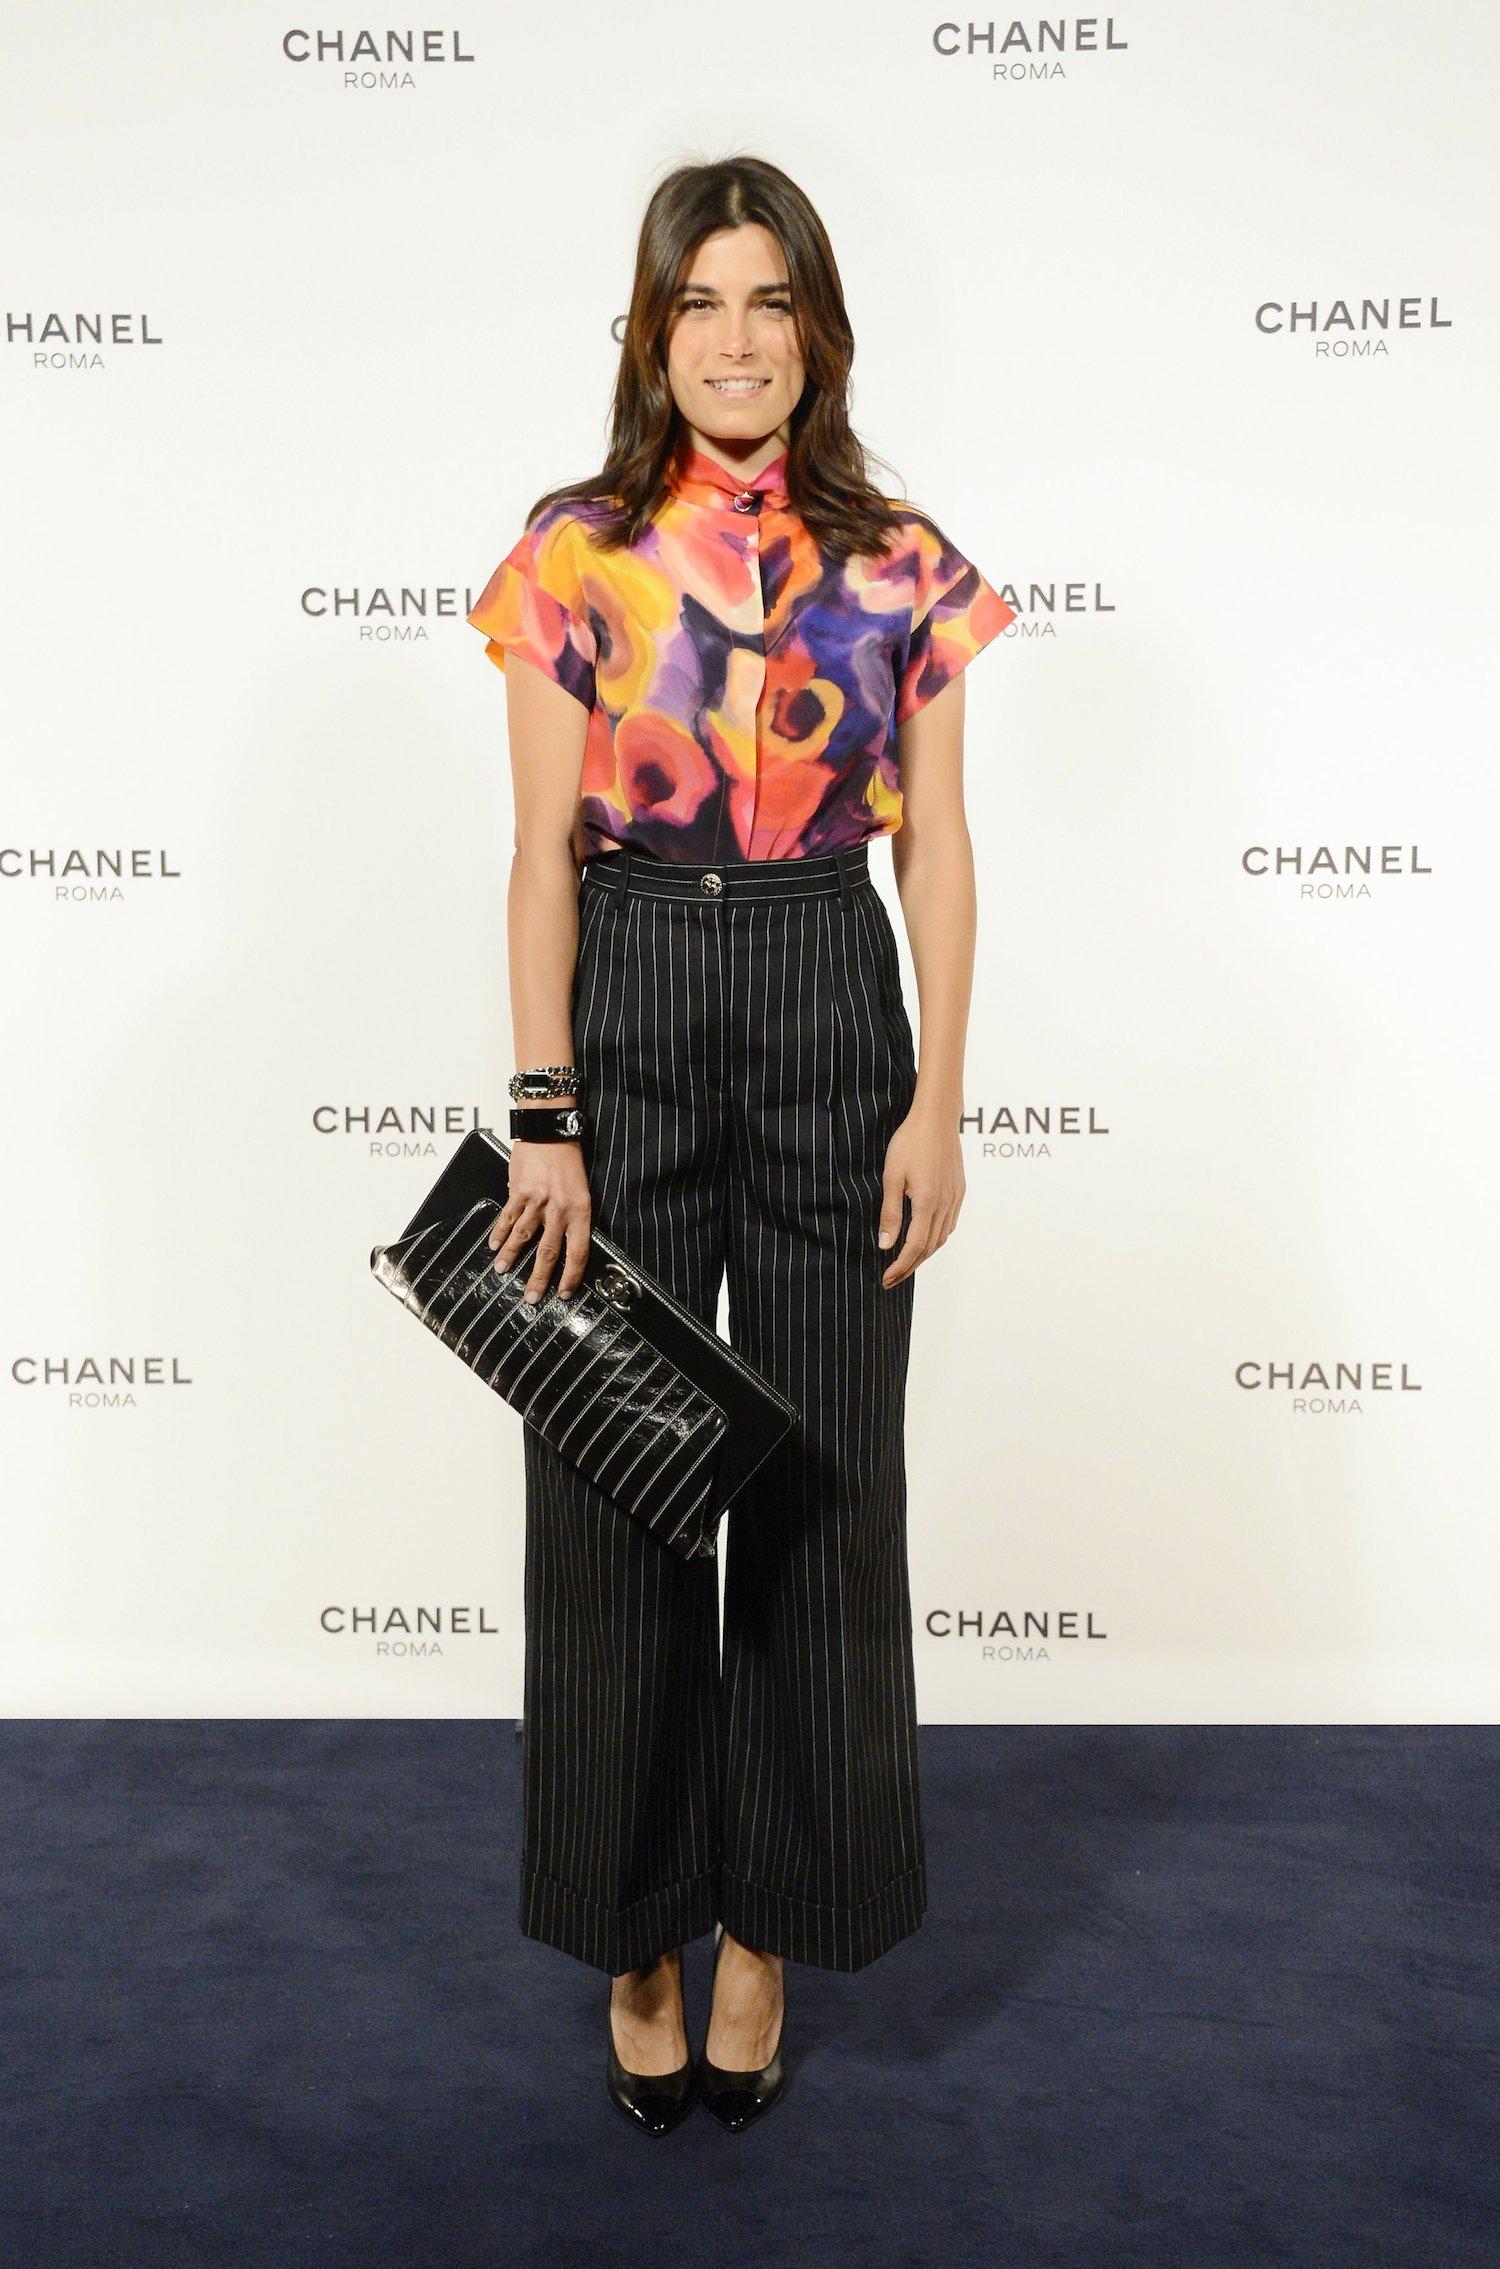 Chanel Rome Party Opening - Valeria Solarino